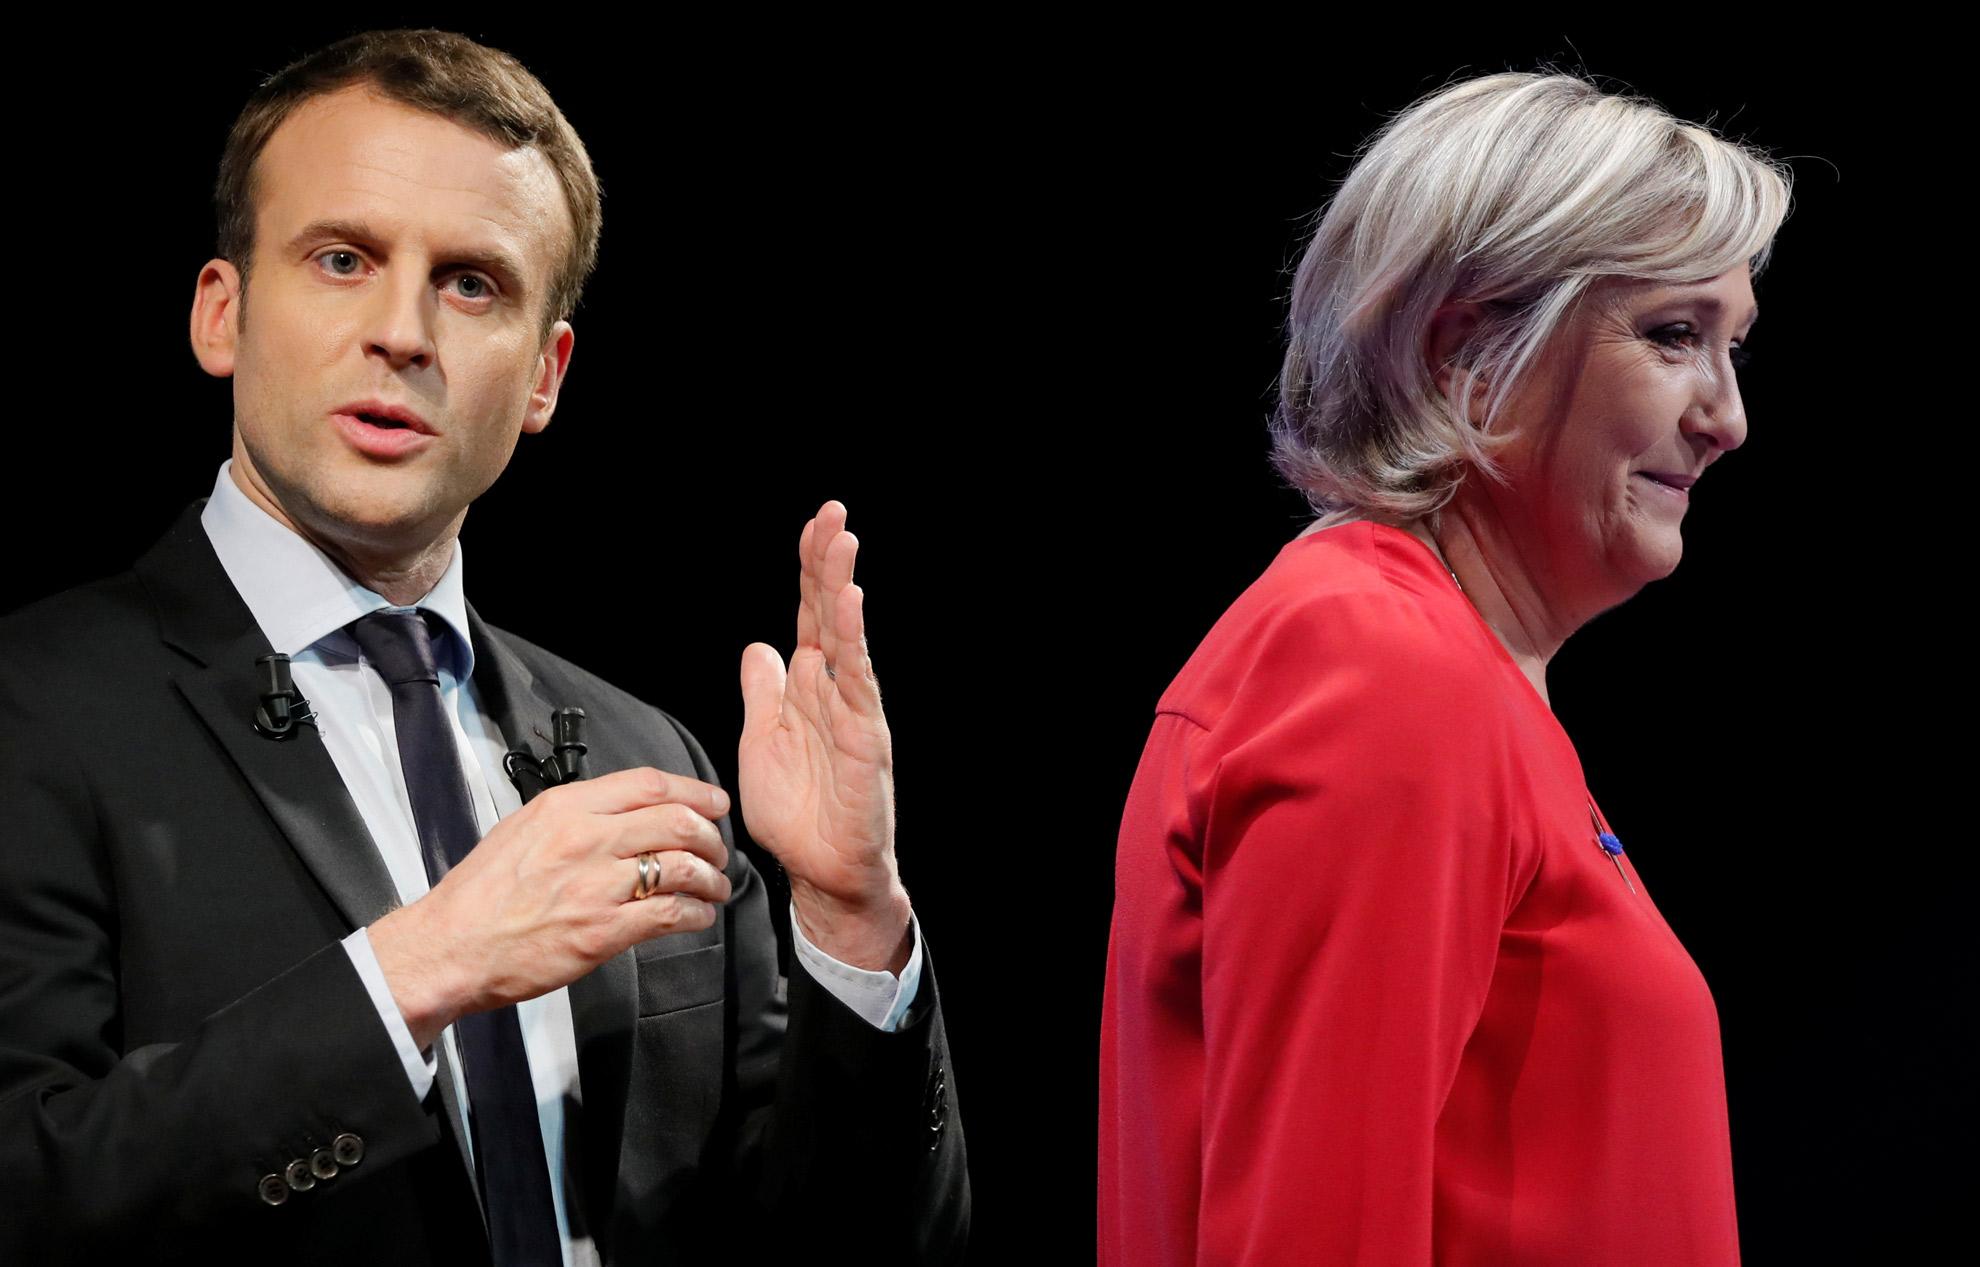 Γαλλικές Εκλογές: Τι έχουν υποσχεθεί Μακρόν και Λεπέν